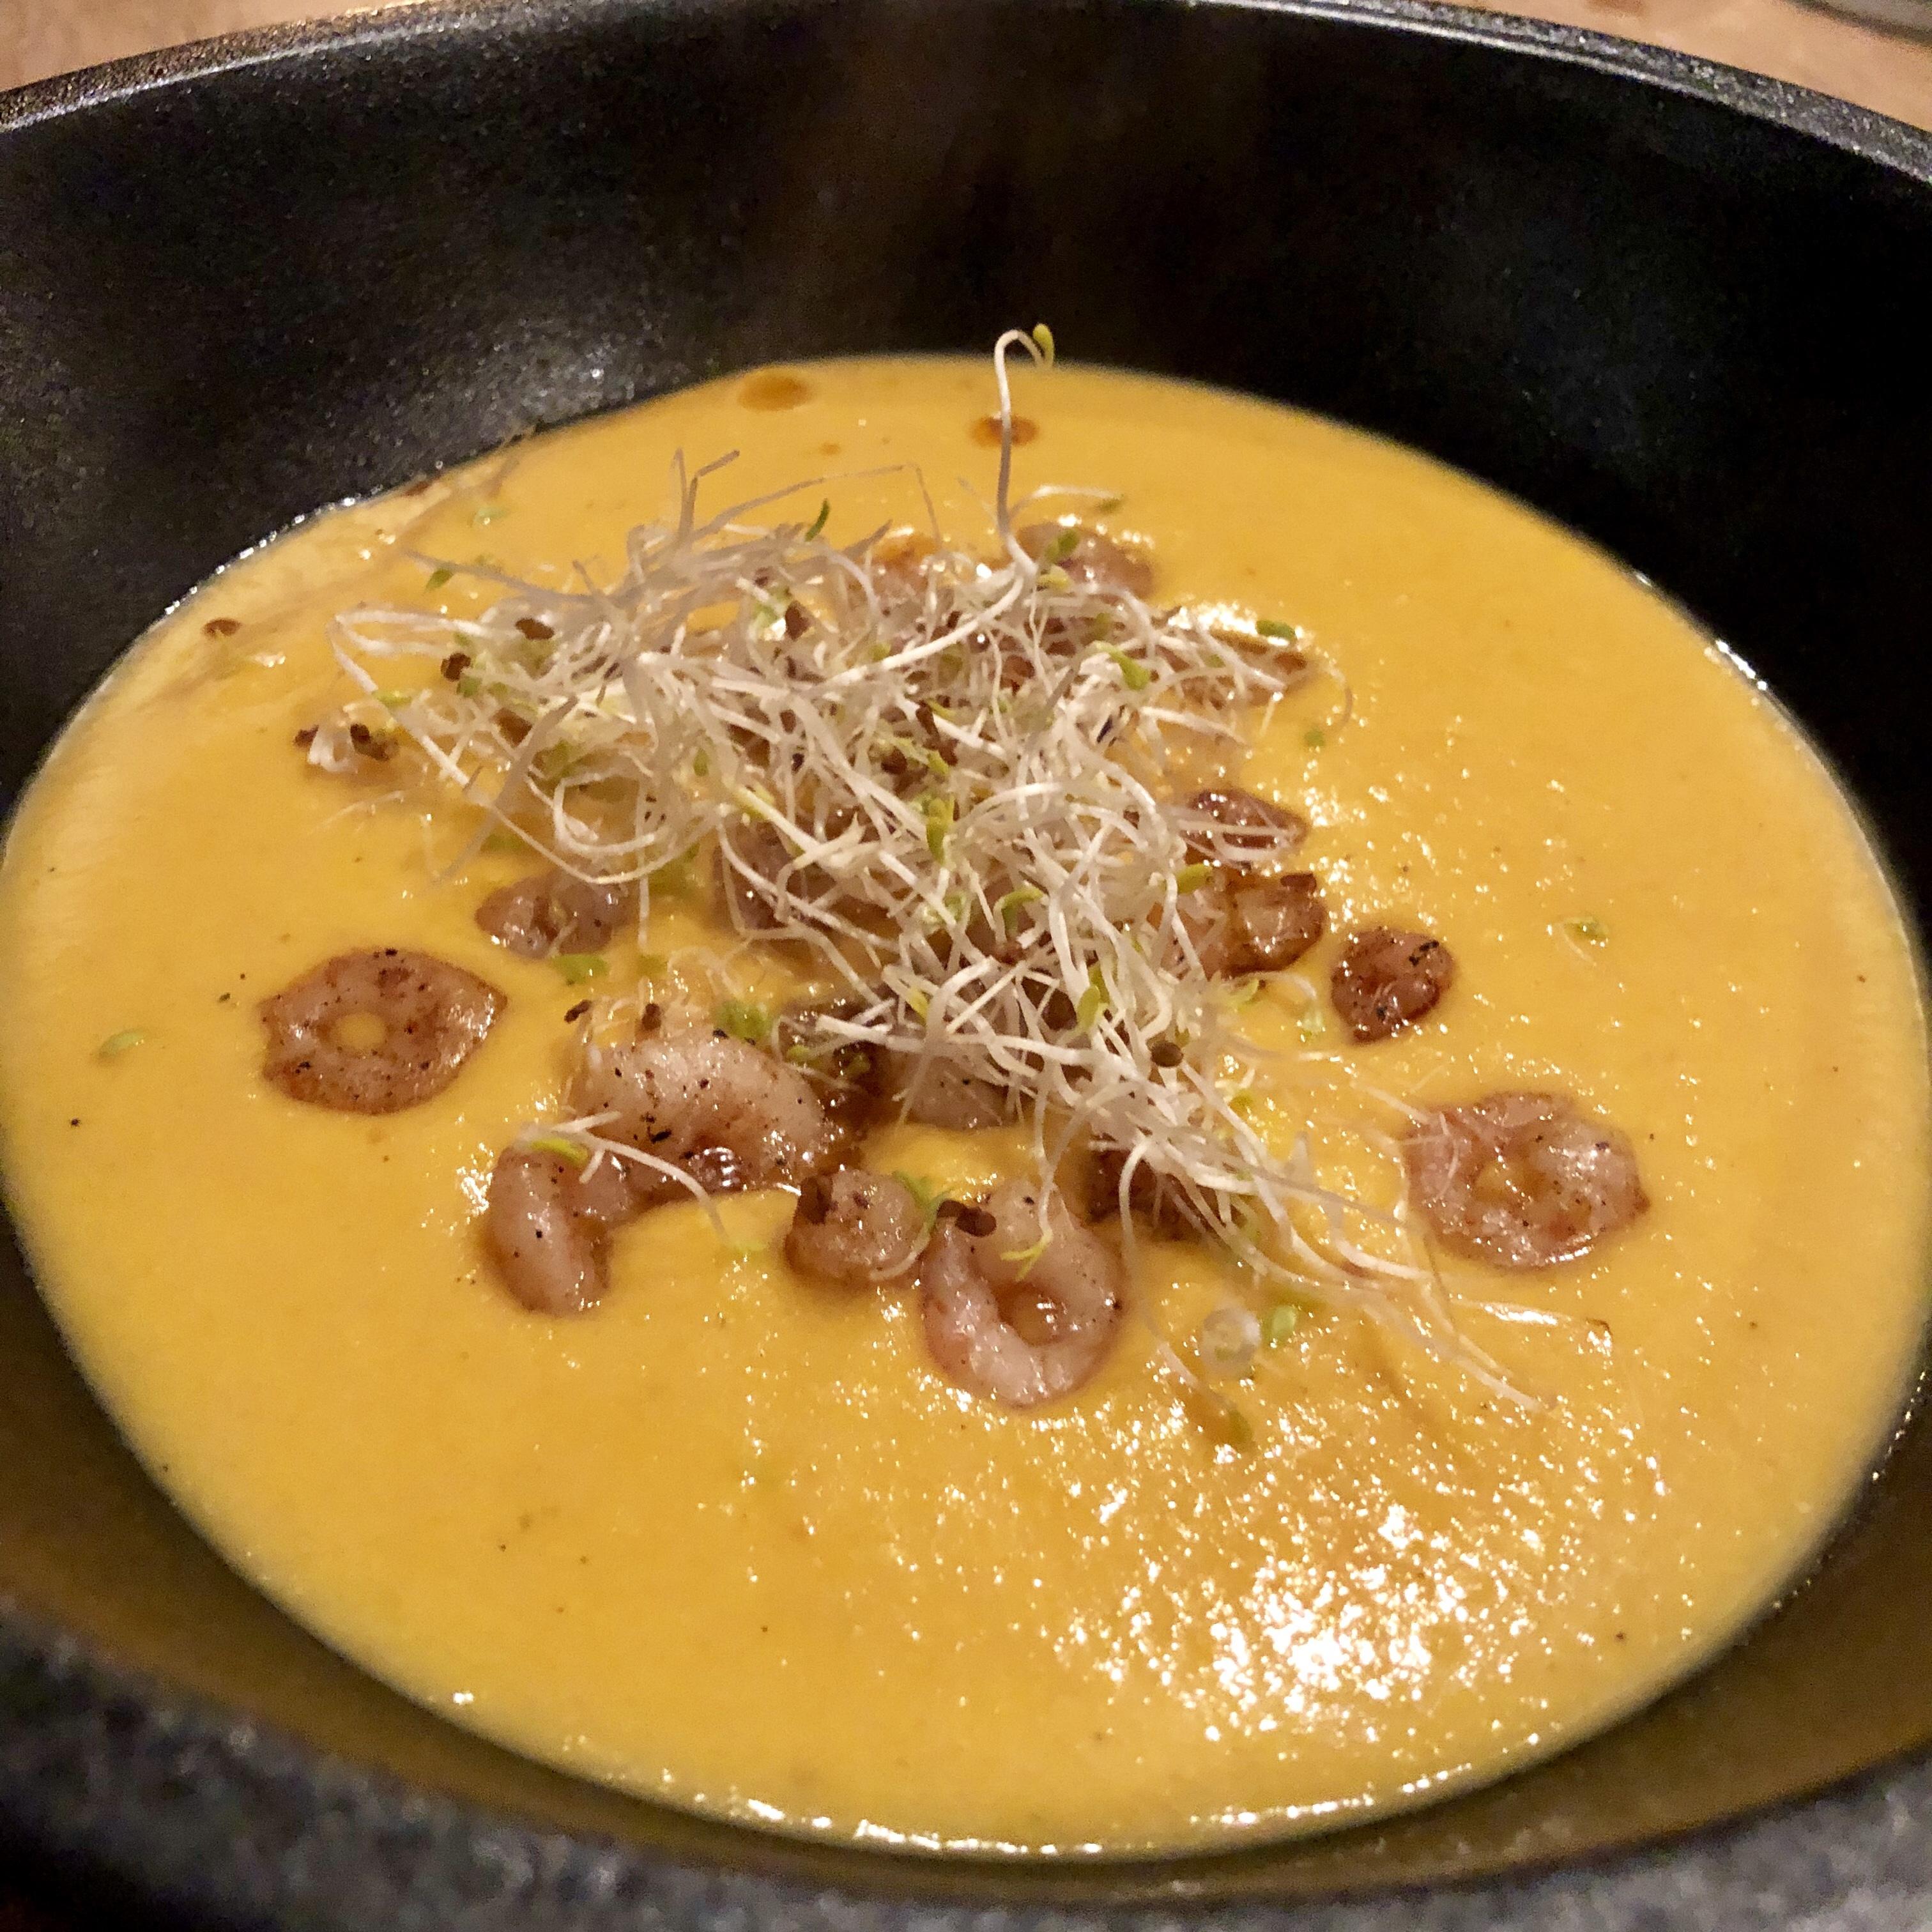 Zoete aardappelsoep met garnalen